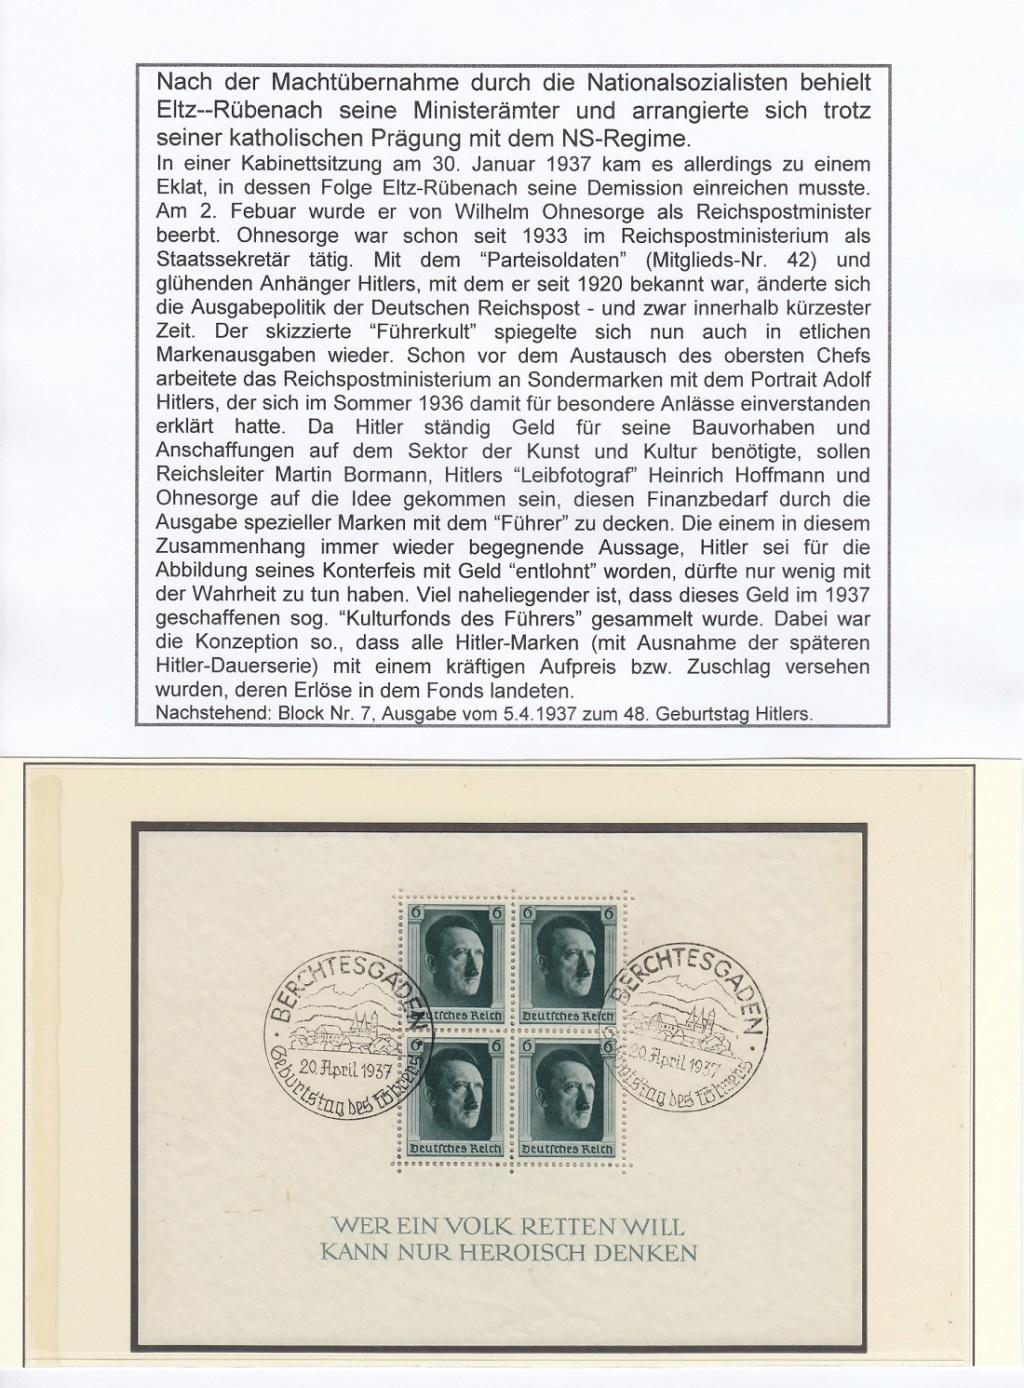 """Deutsches Reich von 1933 bis 1945 """"in einer ausgesuchten Perspektive"""" Dr-1510"""